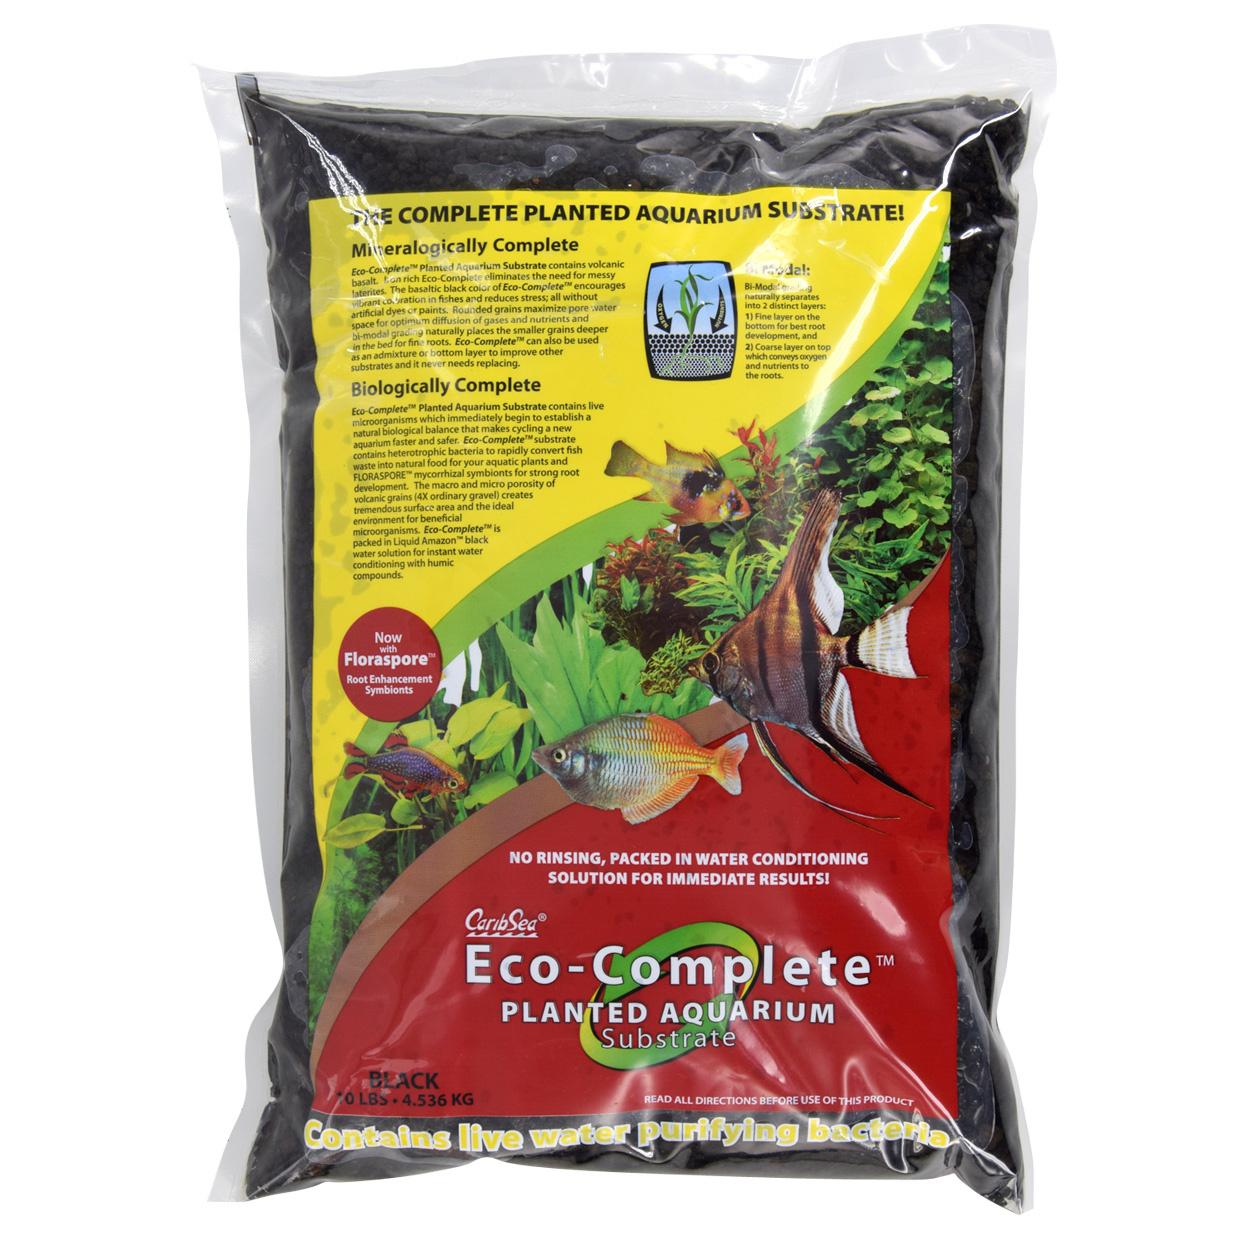 Cobalt Aquatics Carib Sea Eco-Complete Planted Aquarium Substrate Black 10 lb